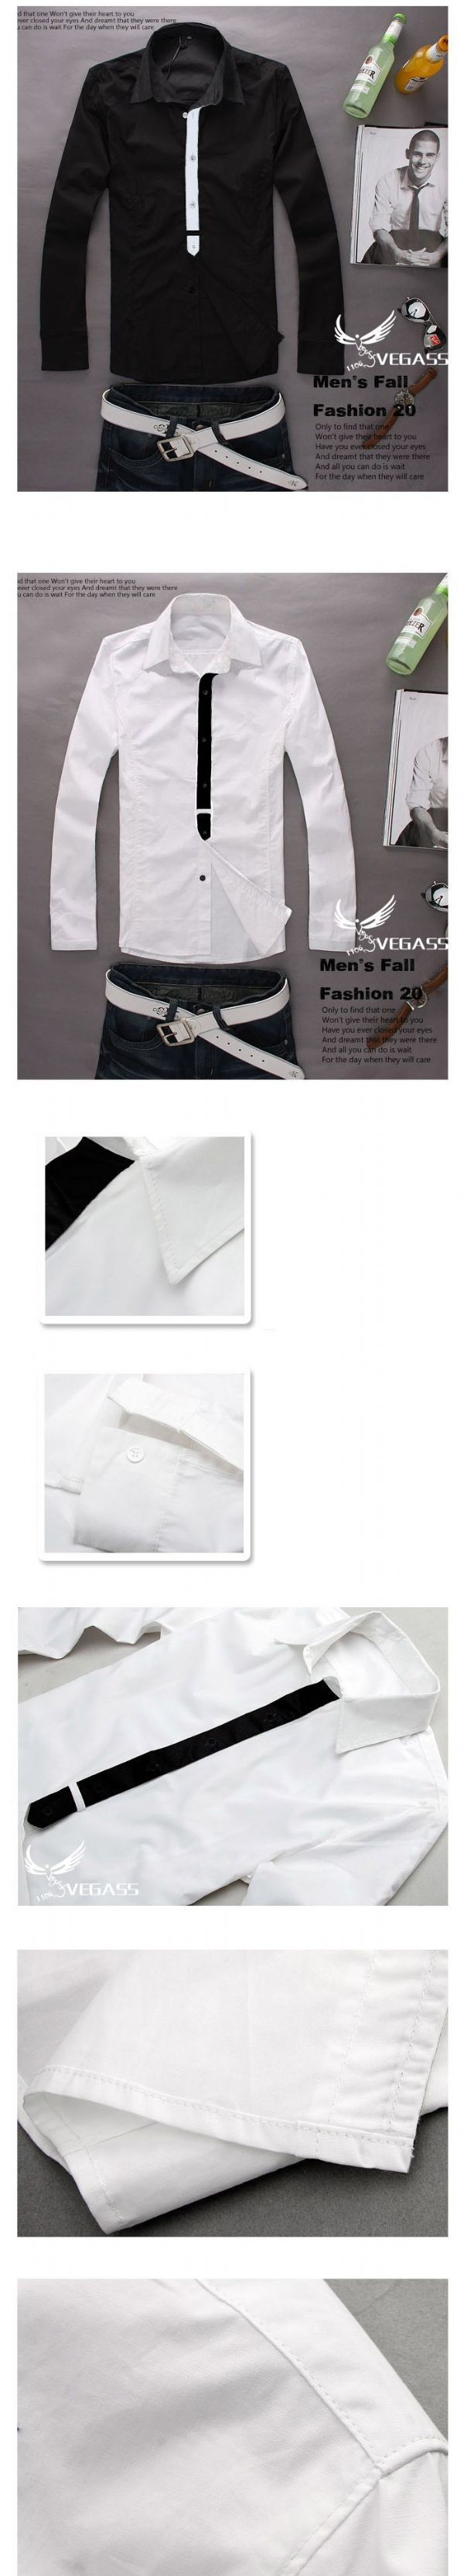 เสื้อผ้าผู้ชาย เสื้อผ้าแฟชั่นชาย เสื้อเชิร์ตแต่งสาบ